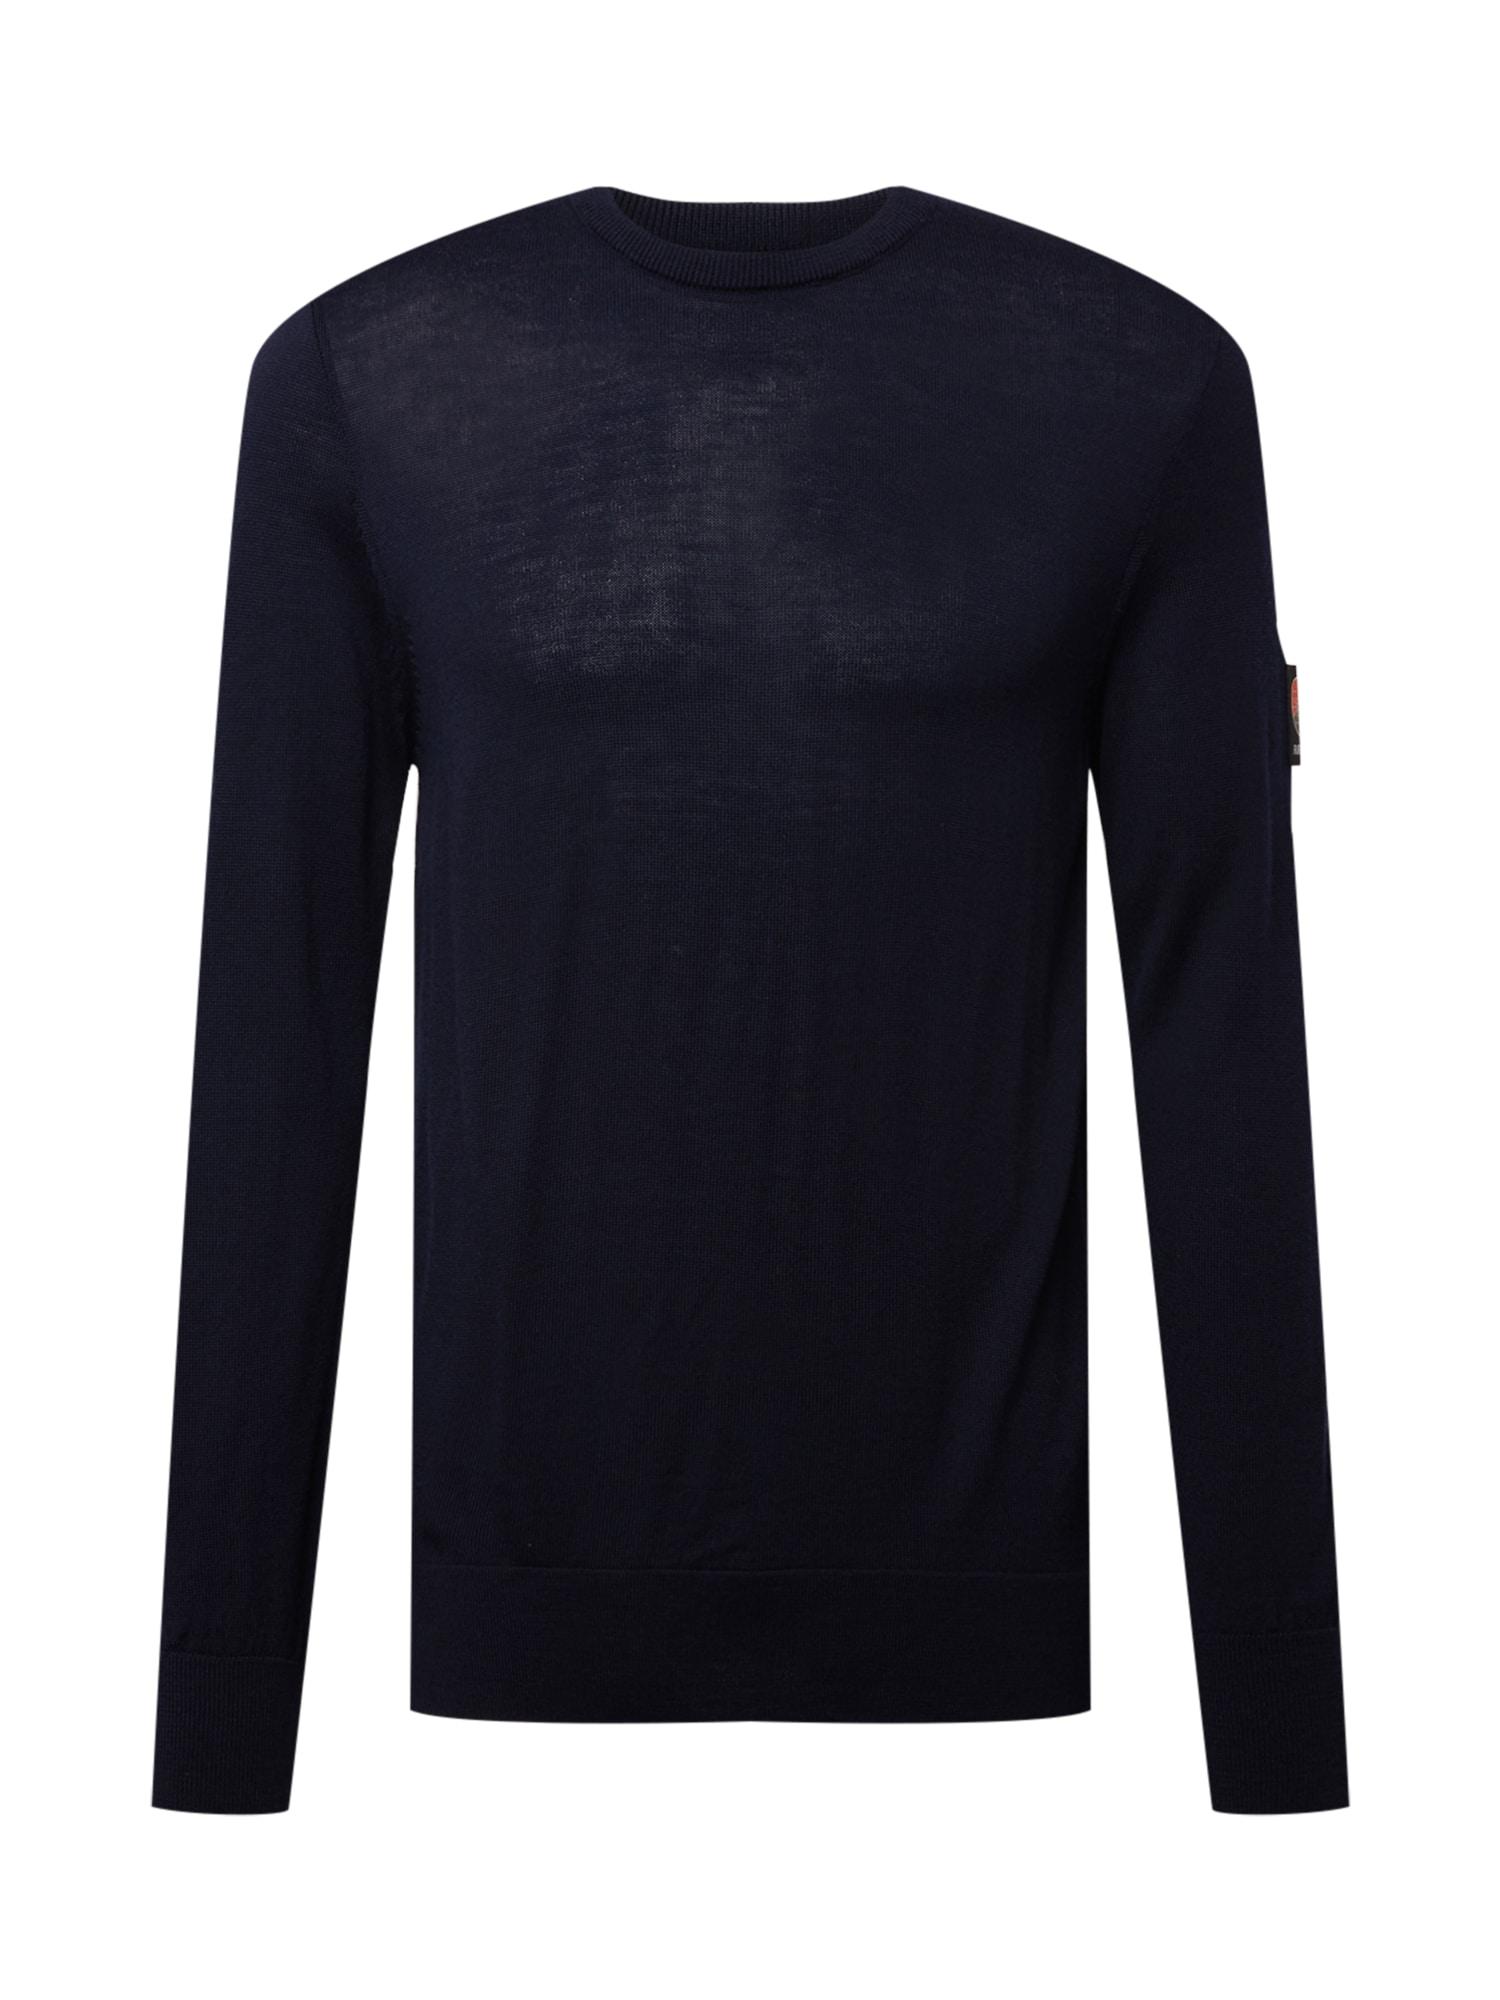 RÆBURN Megztinis tamsiai mėlyna / juoda / oranžinė / smėlio spalva